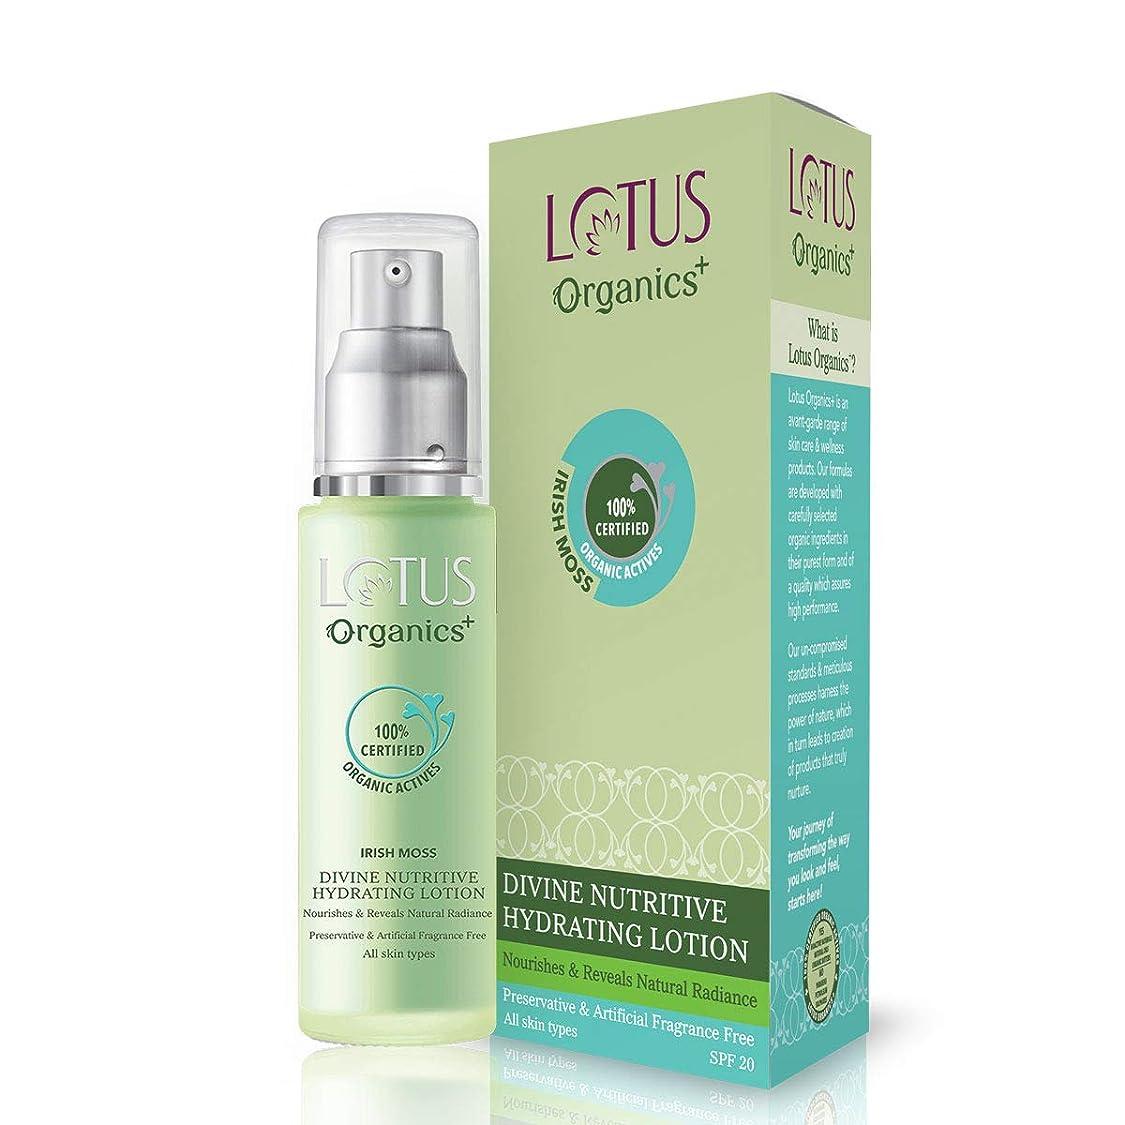 どうしたのシビック過剰Lotus Organics+ Divine Nutritive Hydrating Lotion Spf20, 50 g